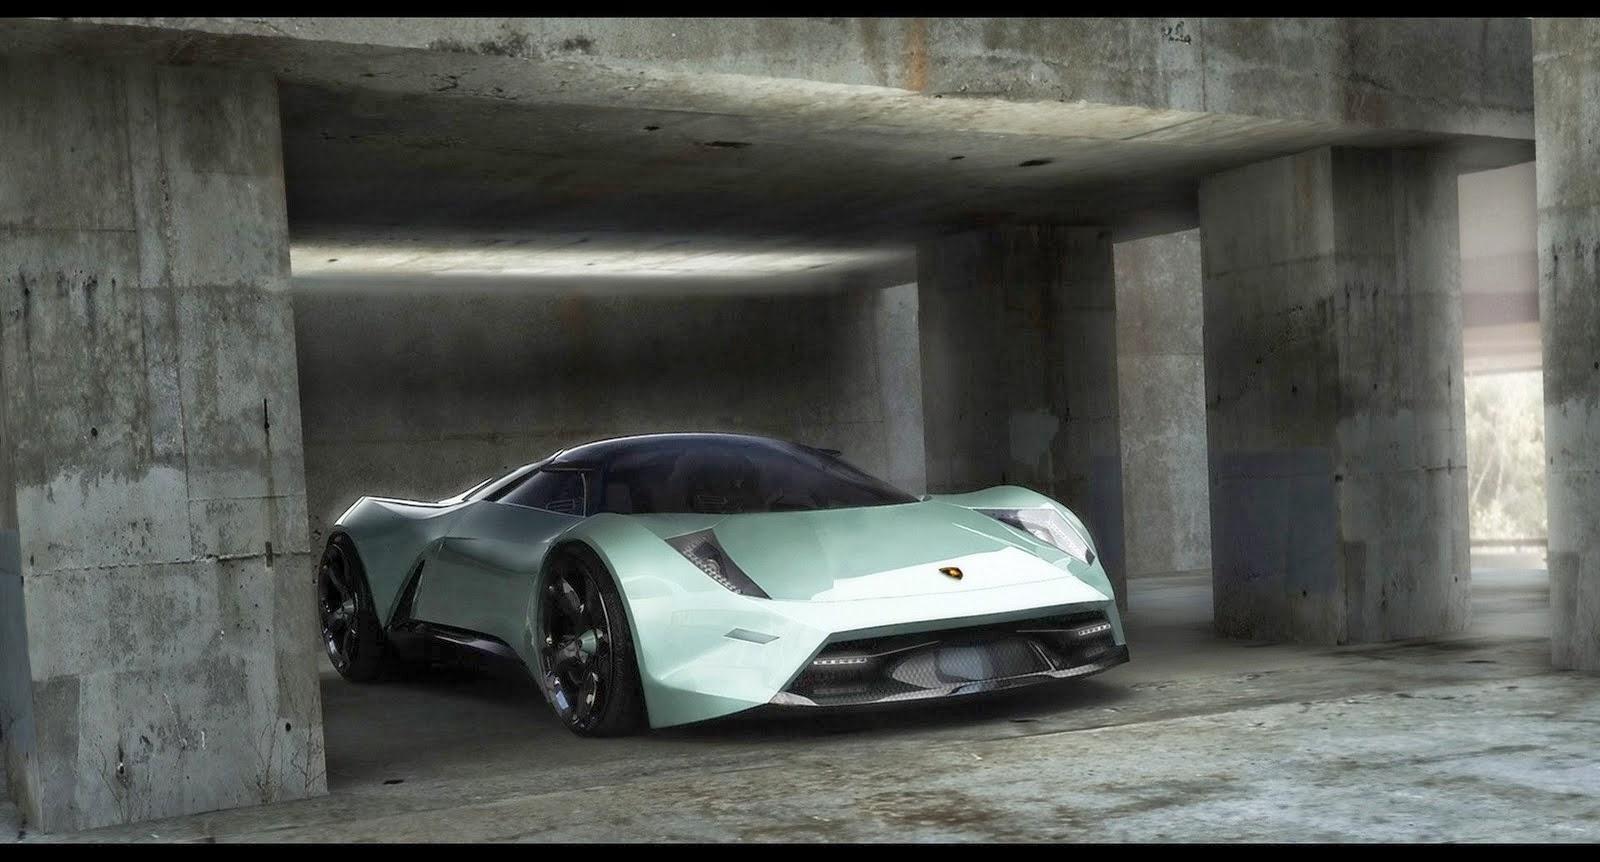 Lamborghini Insecta Concept pictures hd